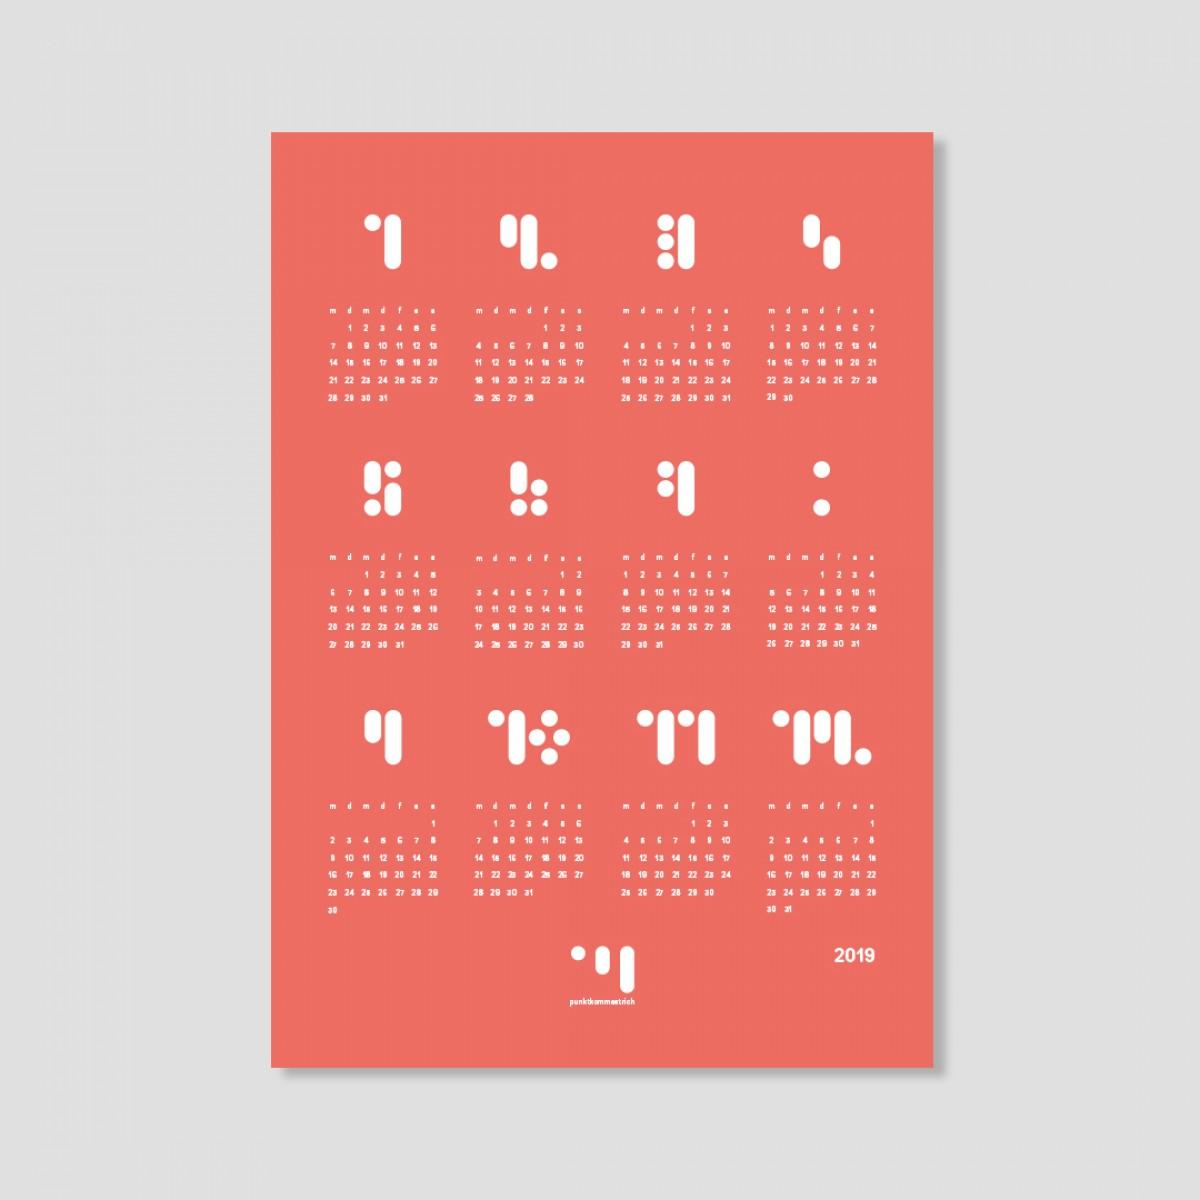 kalender 2019 living coral Designwandkalender